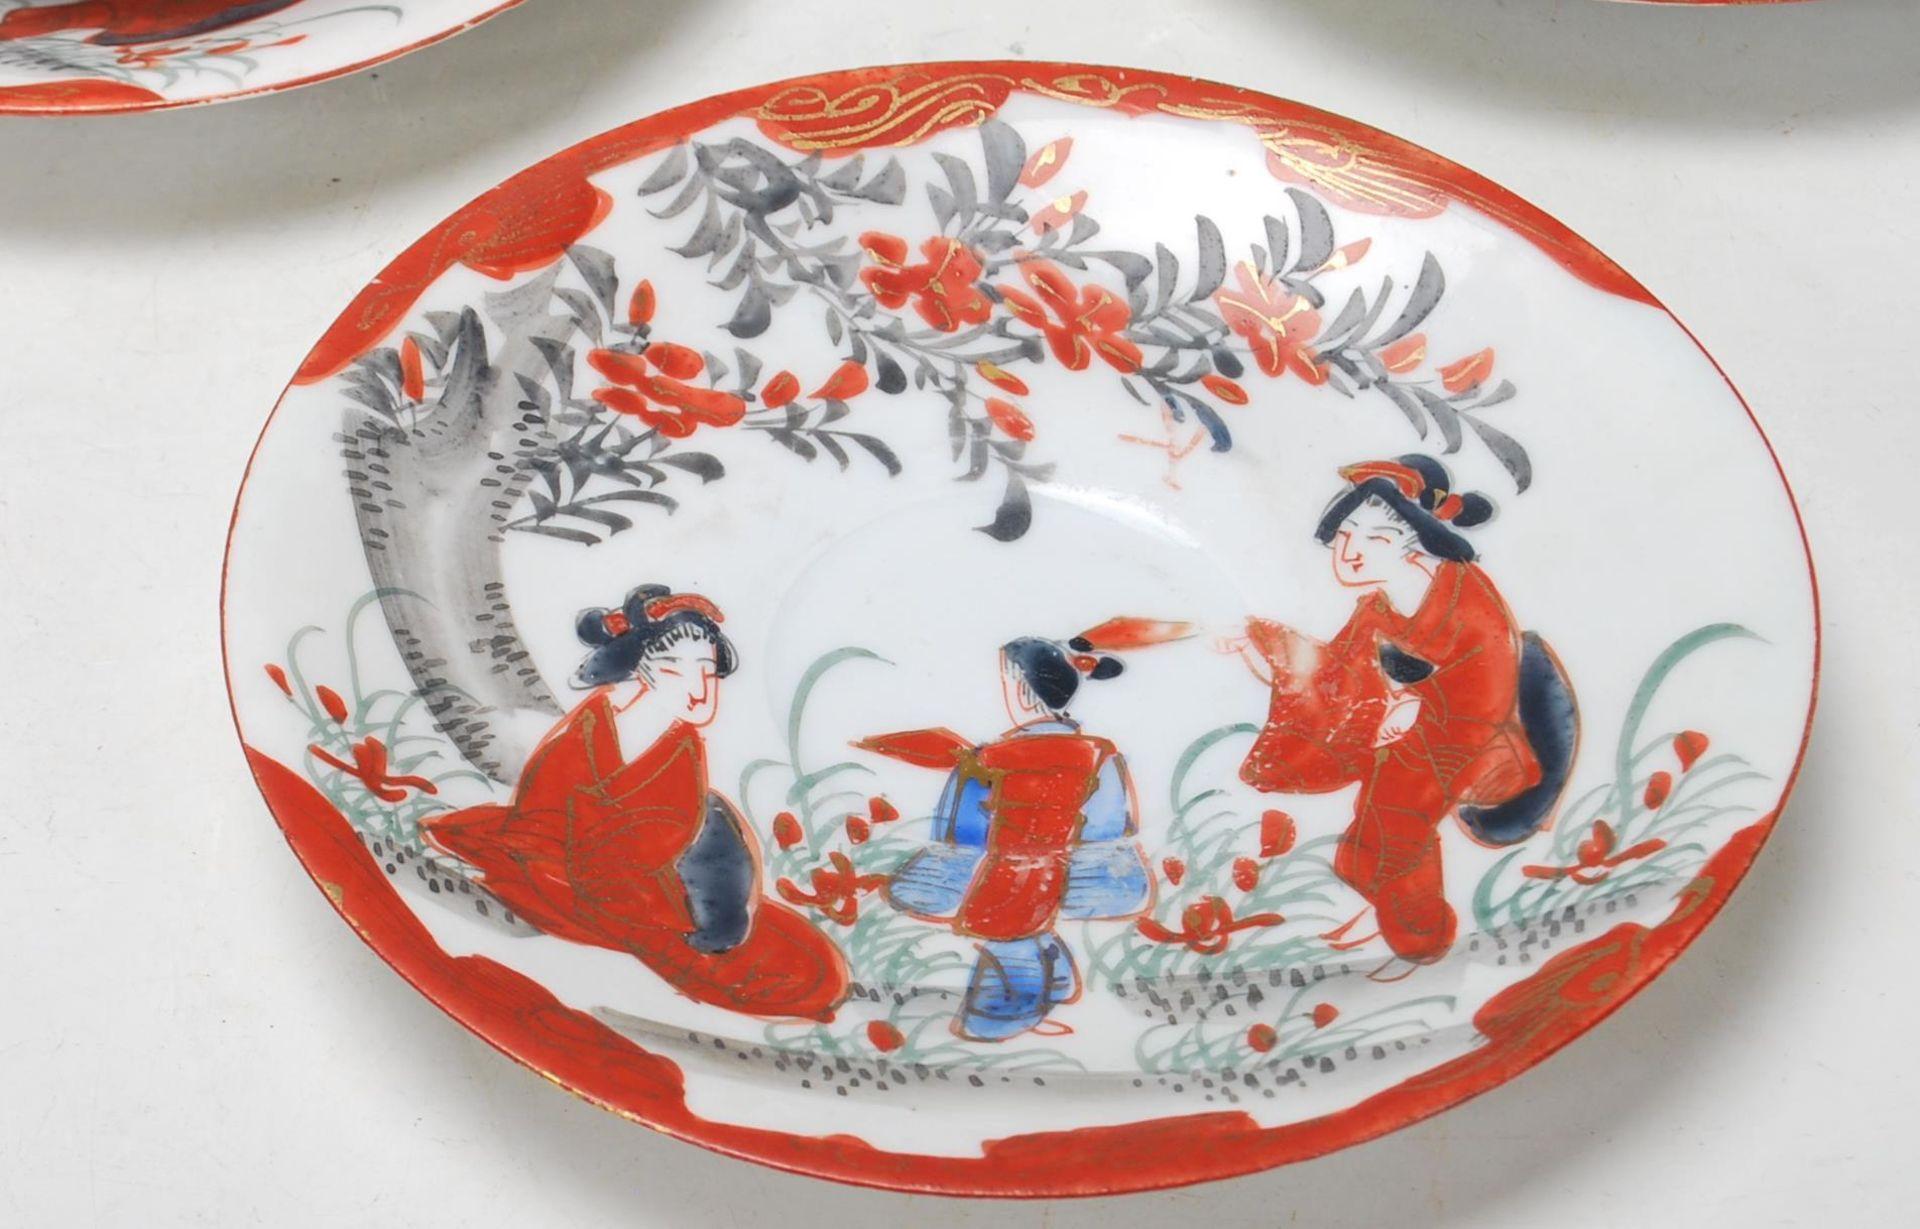 1950'S JAPANESE KUTANI TEA SETS - Image 3 of 12